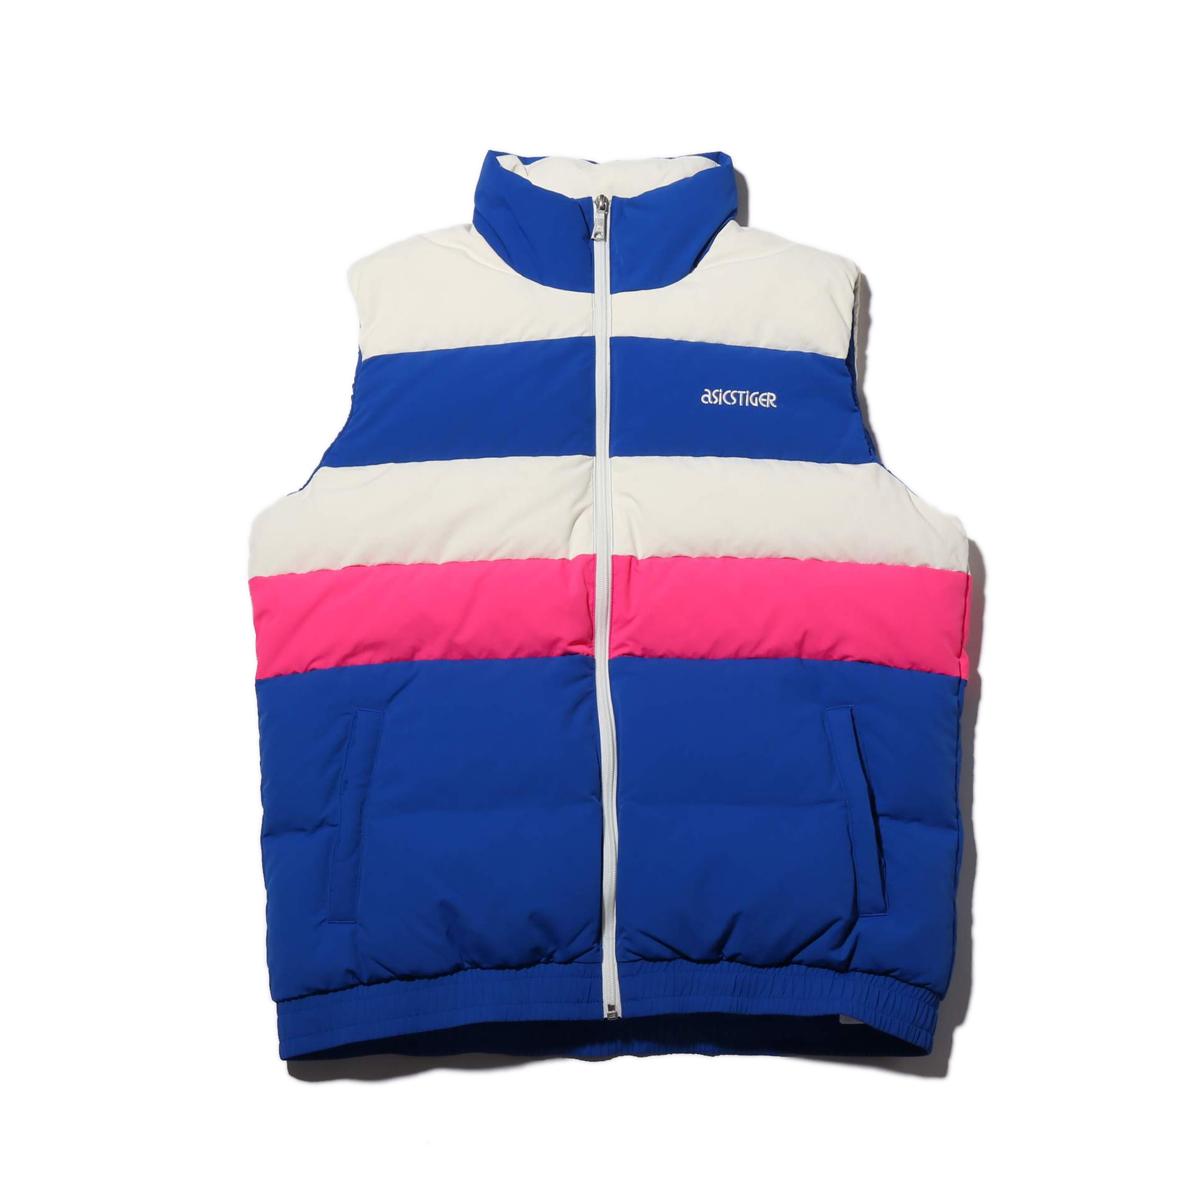 ASICSTIGER CB Down Vest(アシックスタイガー CB ダウン ベスト)ASICS BLUE【メンズ レディース ベスト】18FW-I